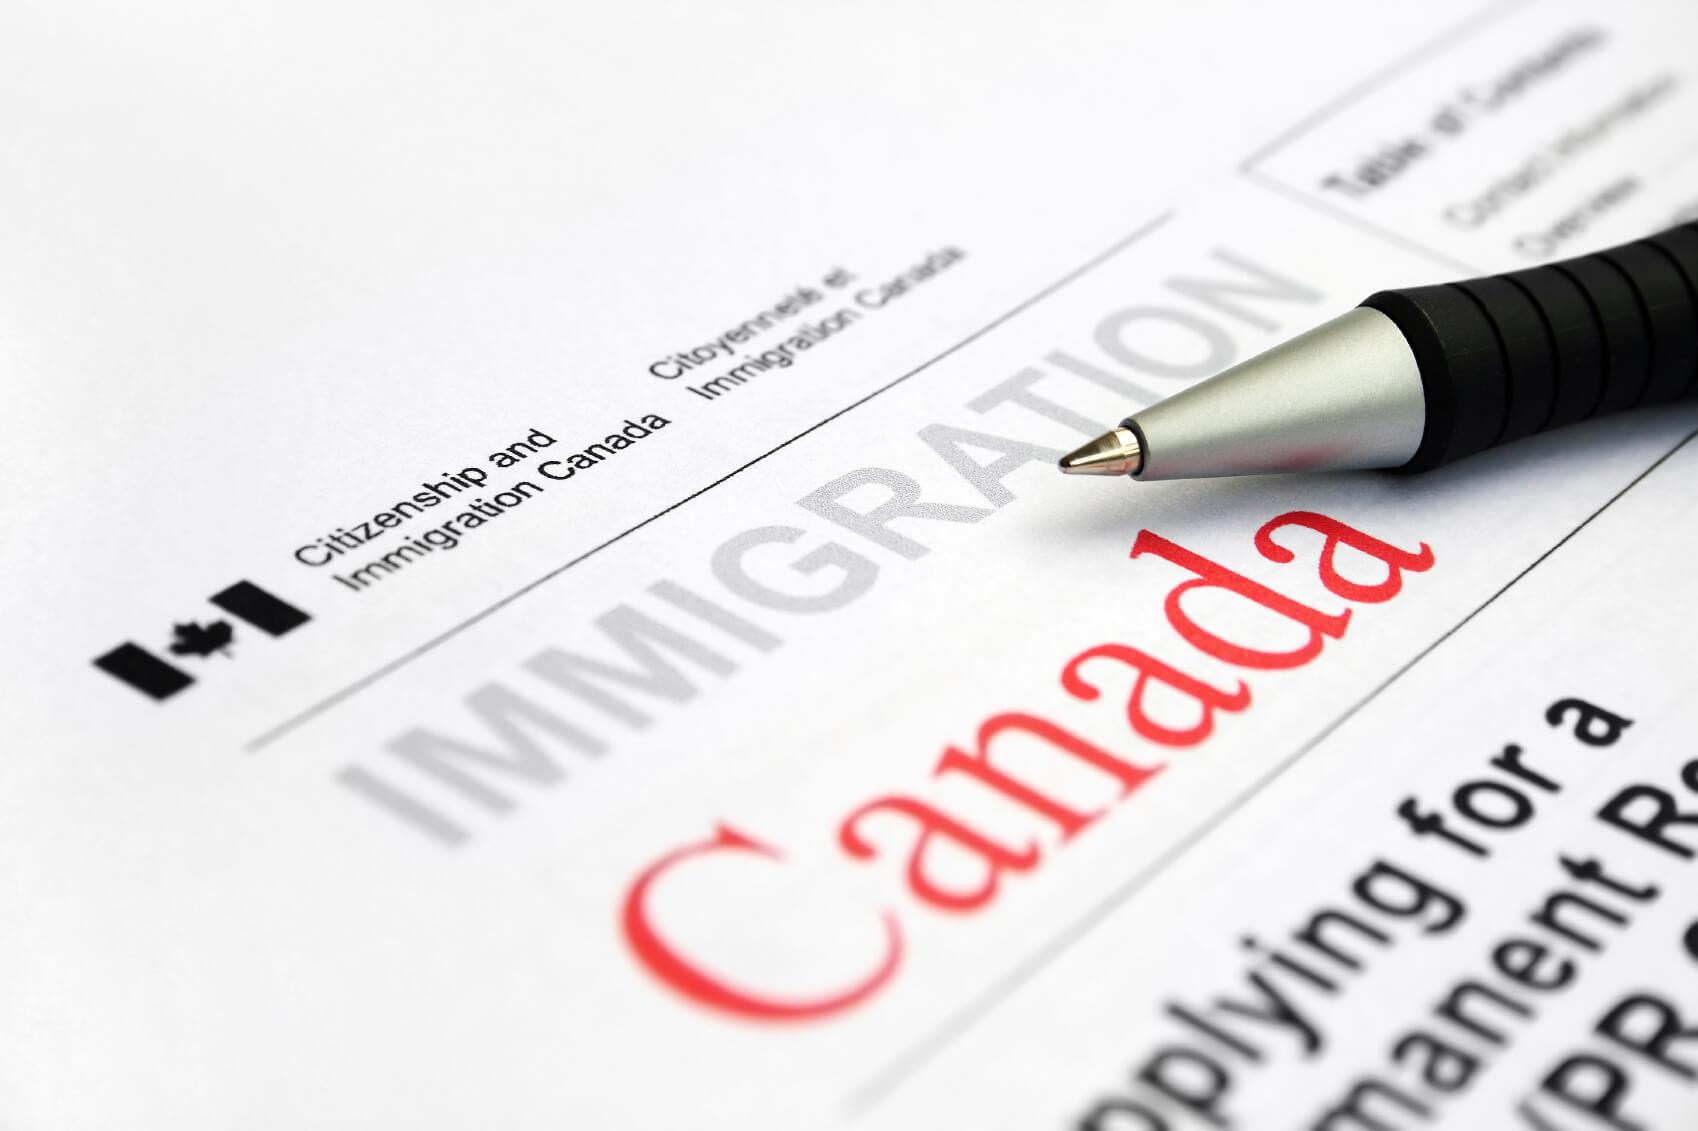 مهاجرت به کانادا | 6 روش دریافت اقامت کانادا را بشناسید.